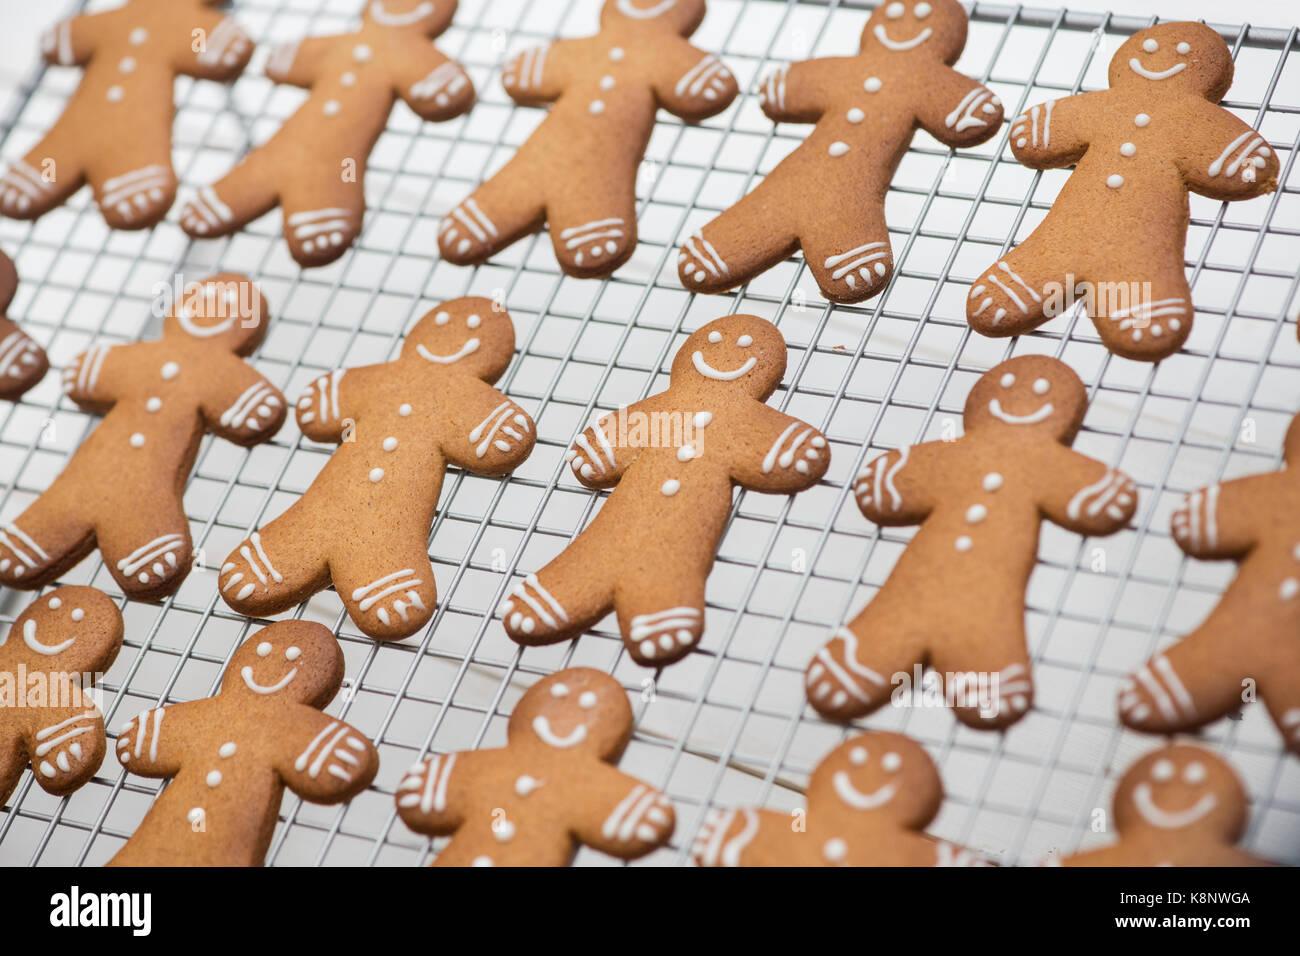 Les hommes d'épices Biscuits sur une grille de refroidissement Photo Stock